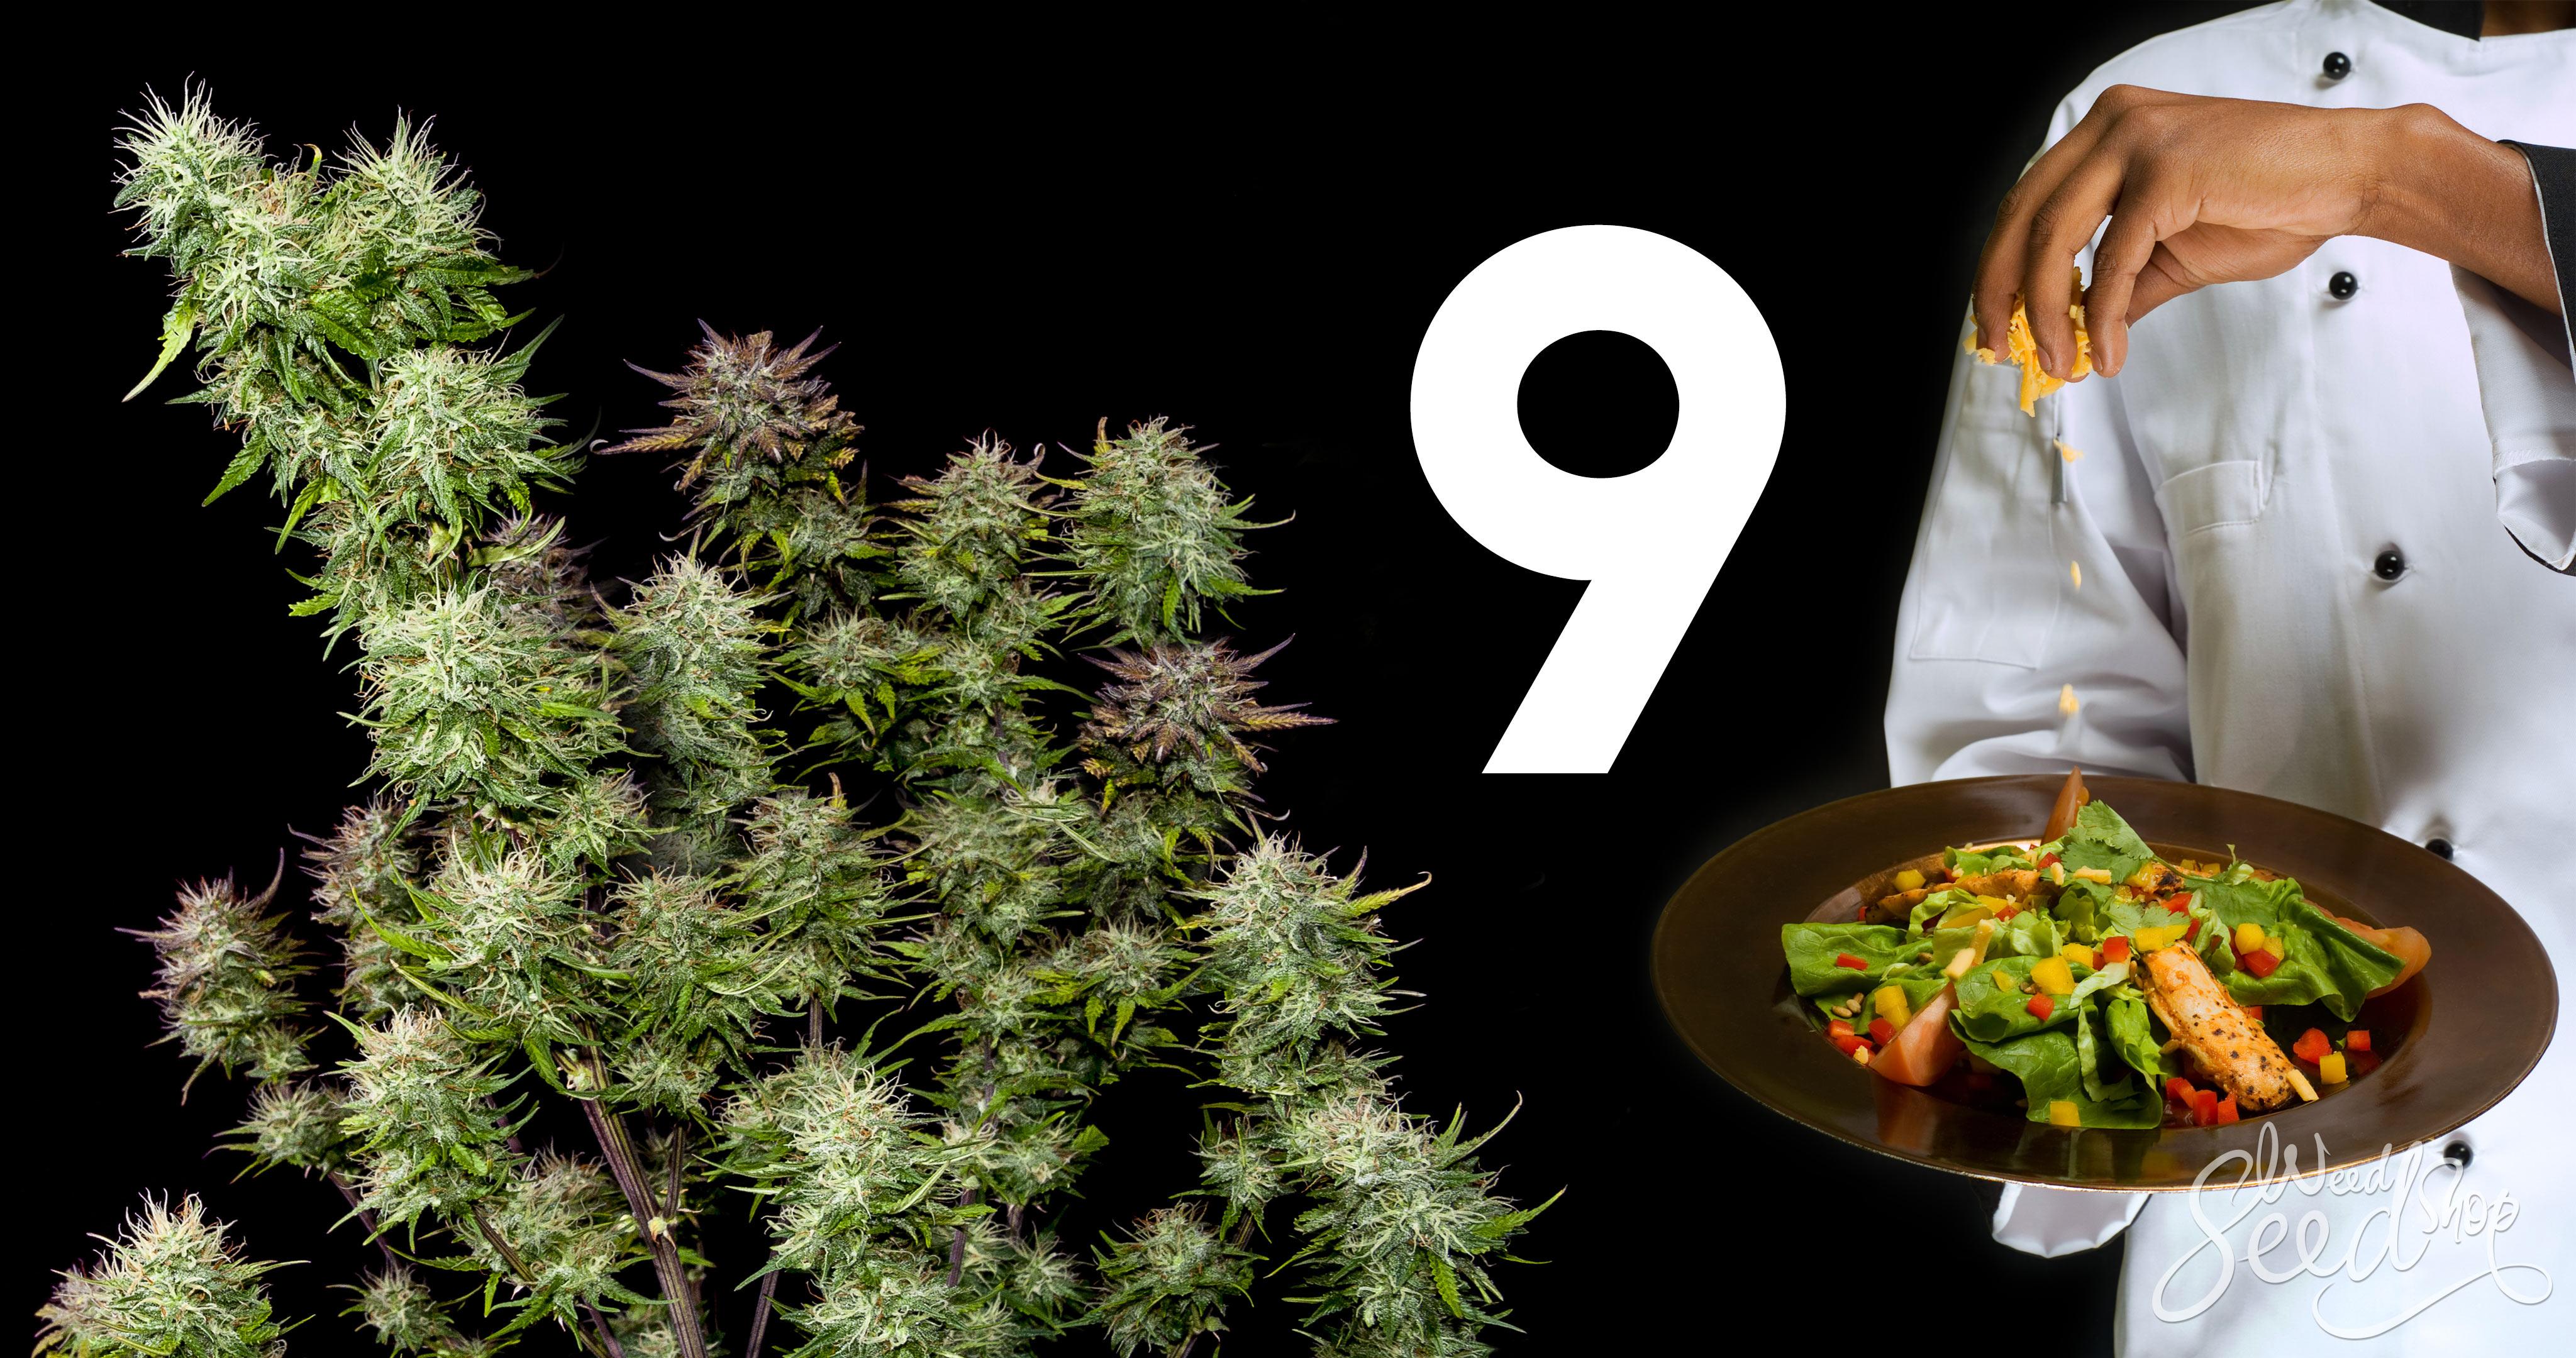 De 9 Beste Wietkoks Ter Wereld - WeedSeedShop